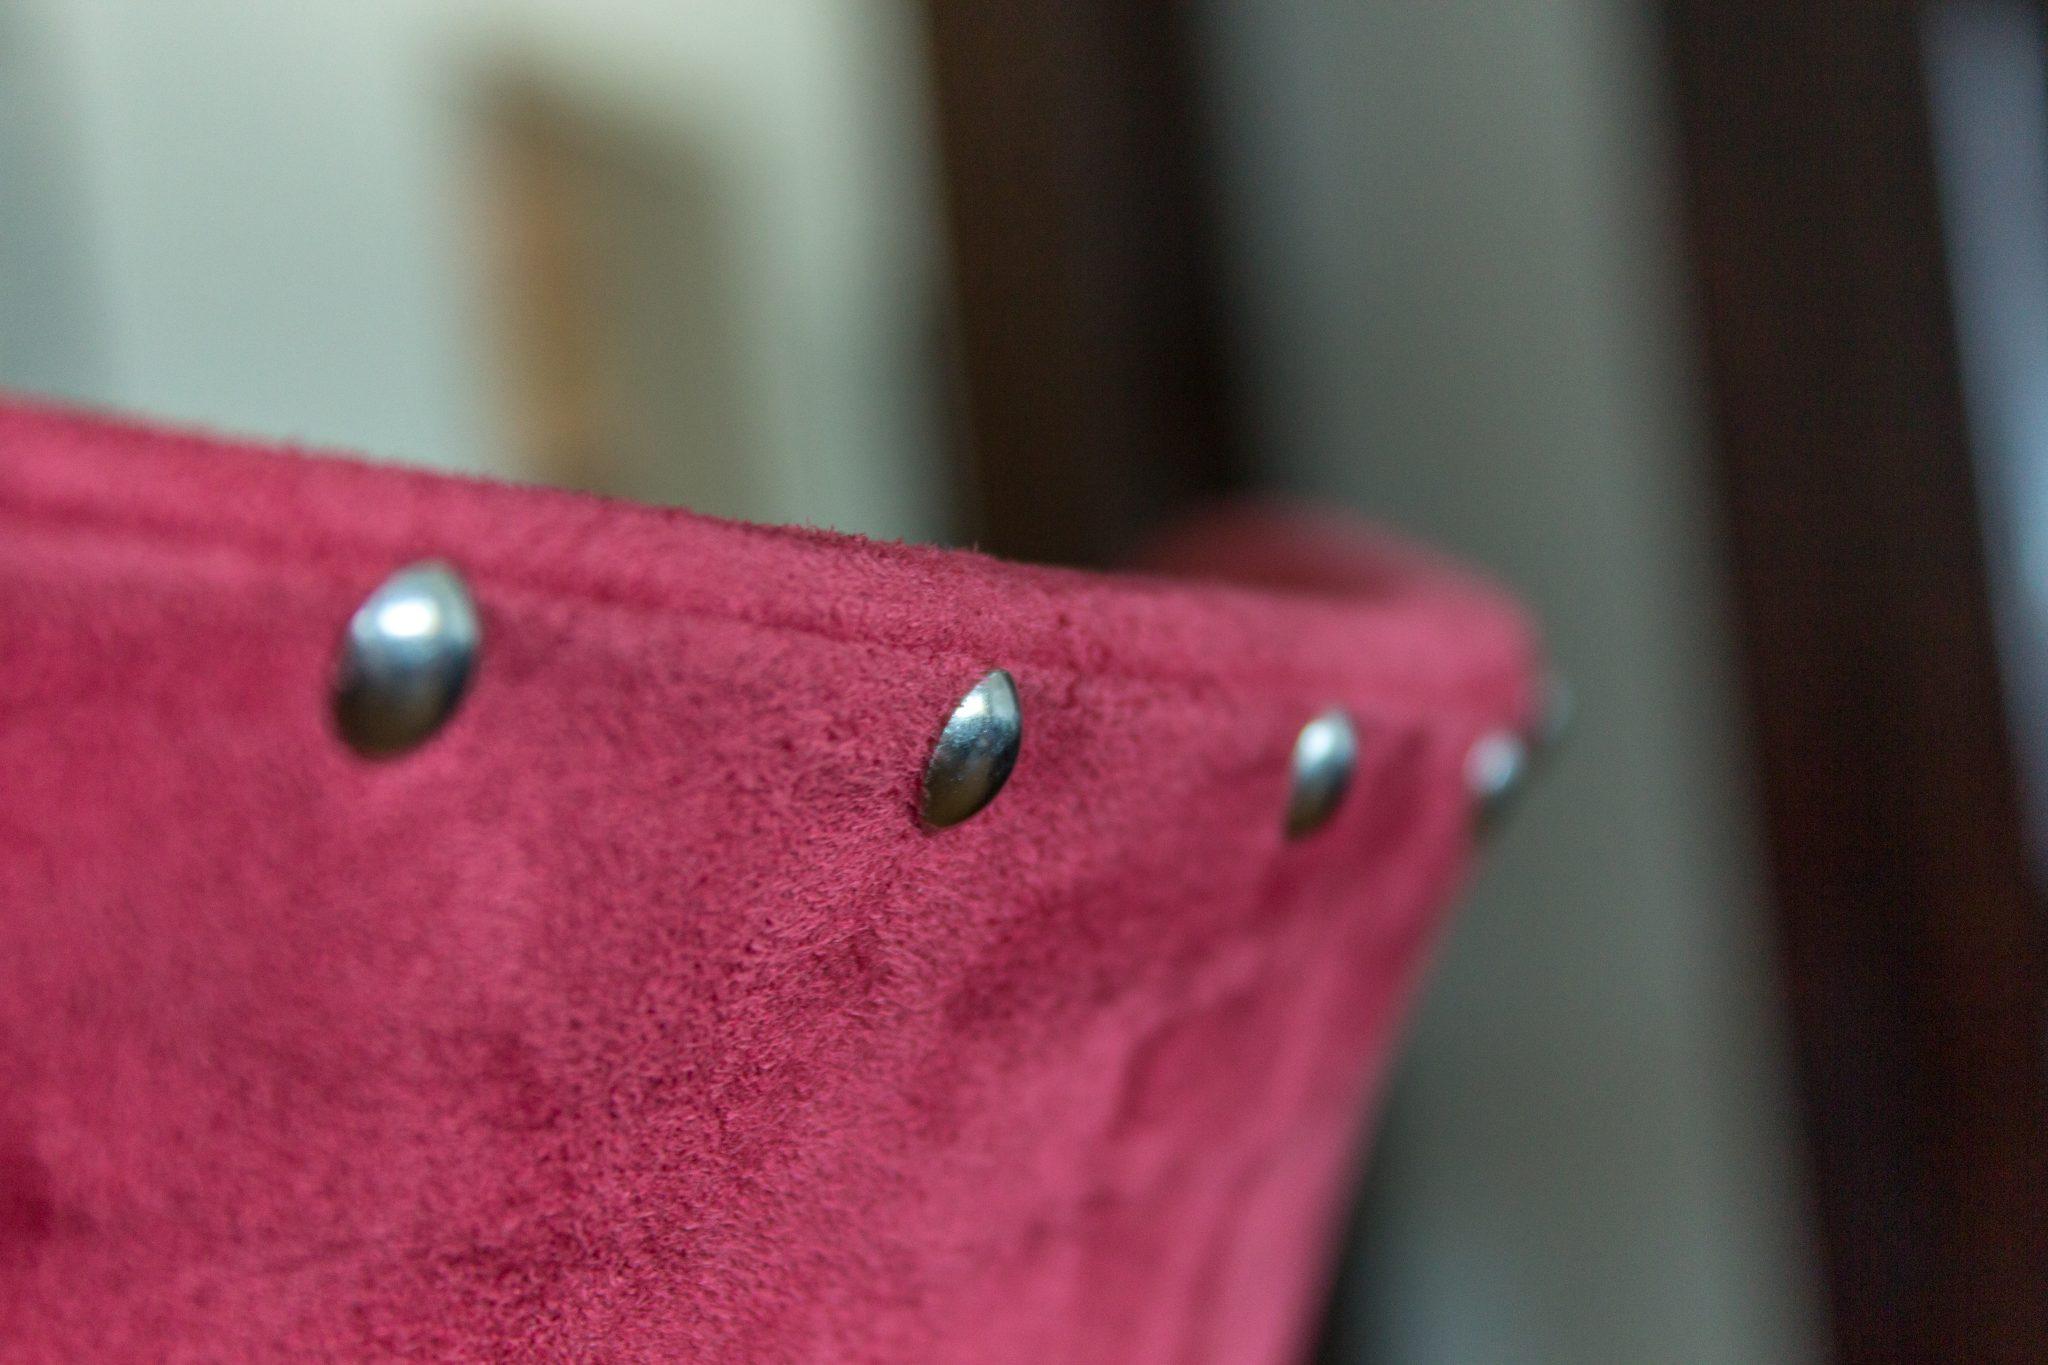 Nahaufnahme von Polster-Nägeln in einem roten Echt-Lederbezug einer Rückenlehne.